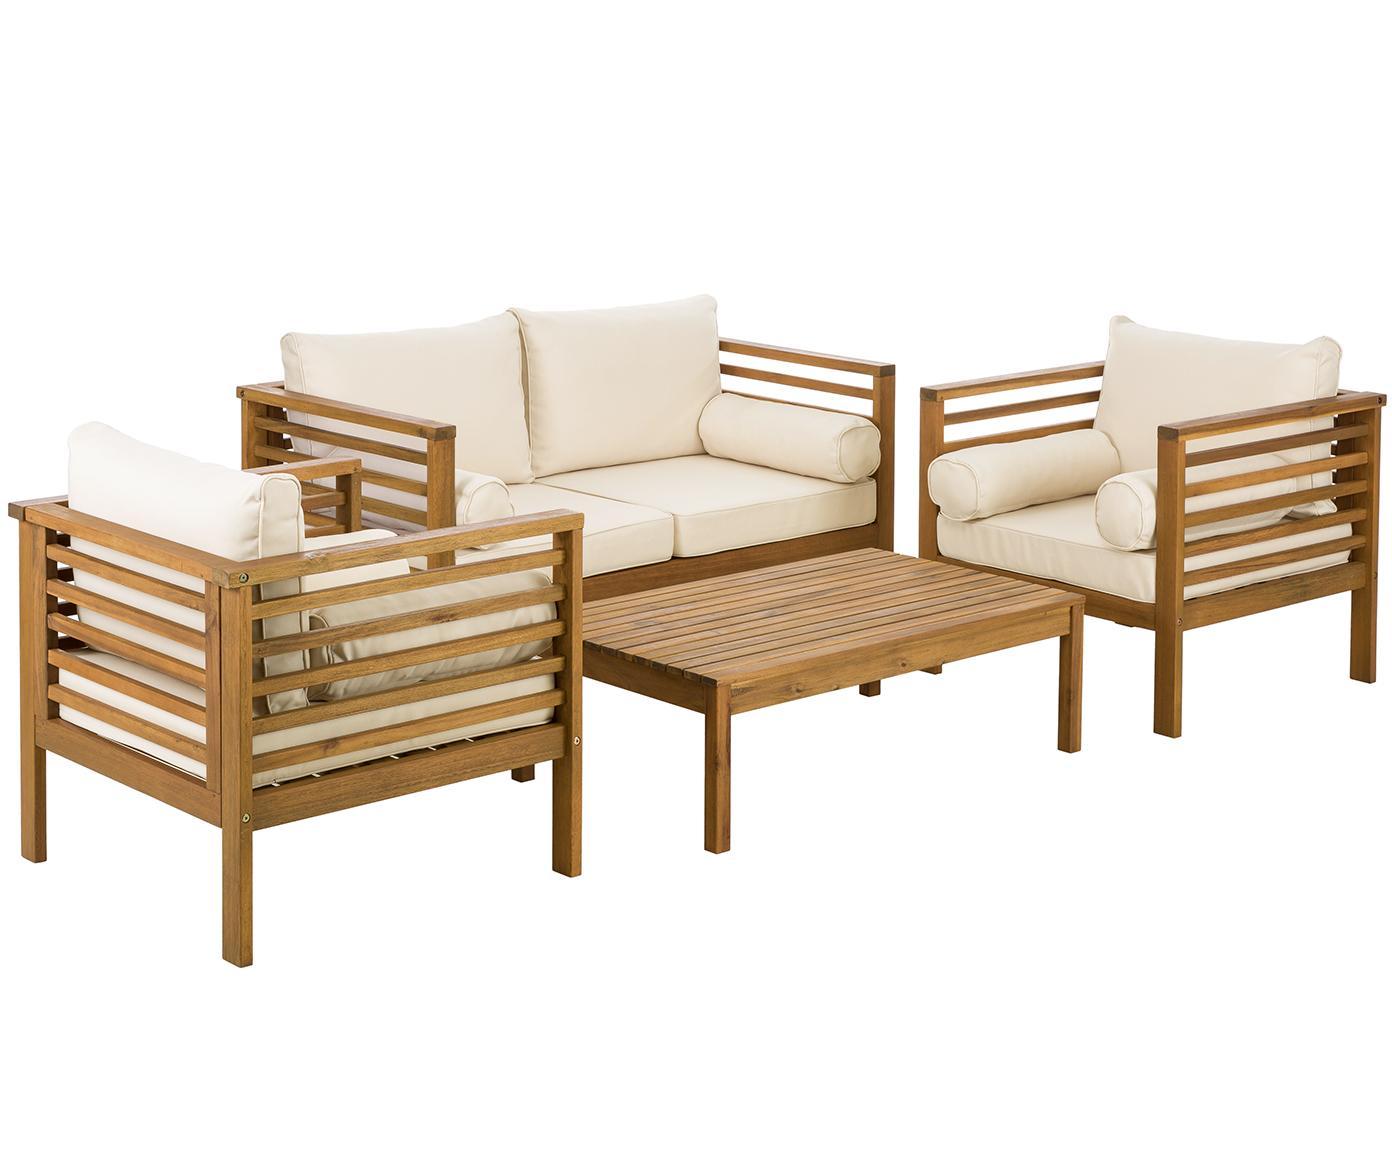 Salotto da giardino Bo, set di 4, Rivestimento: poliestere, Struttura: legno d'acacia massiccio , Rivestimento: beige Struttura: legno d'acacia, Diverse dimensioni